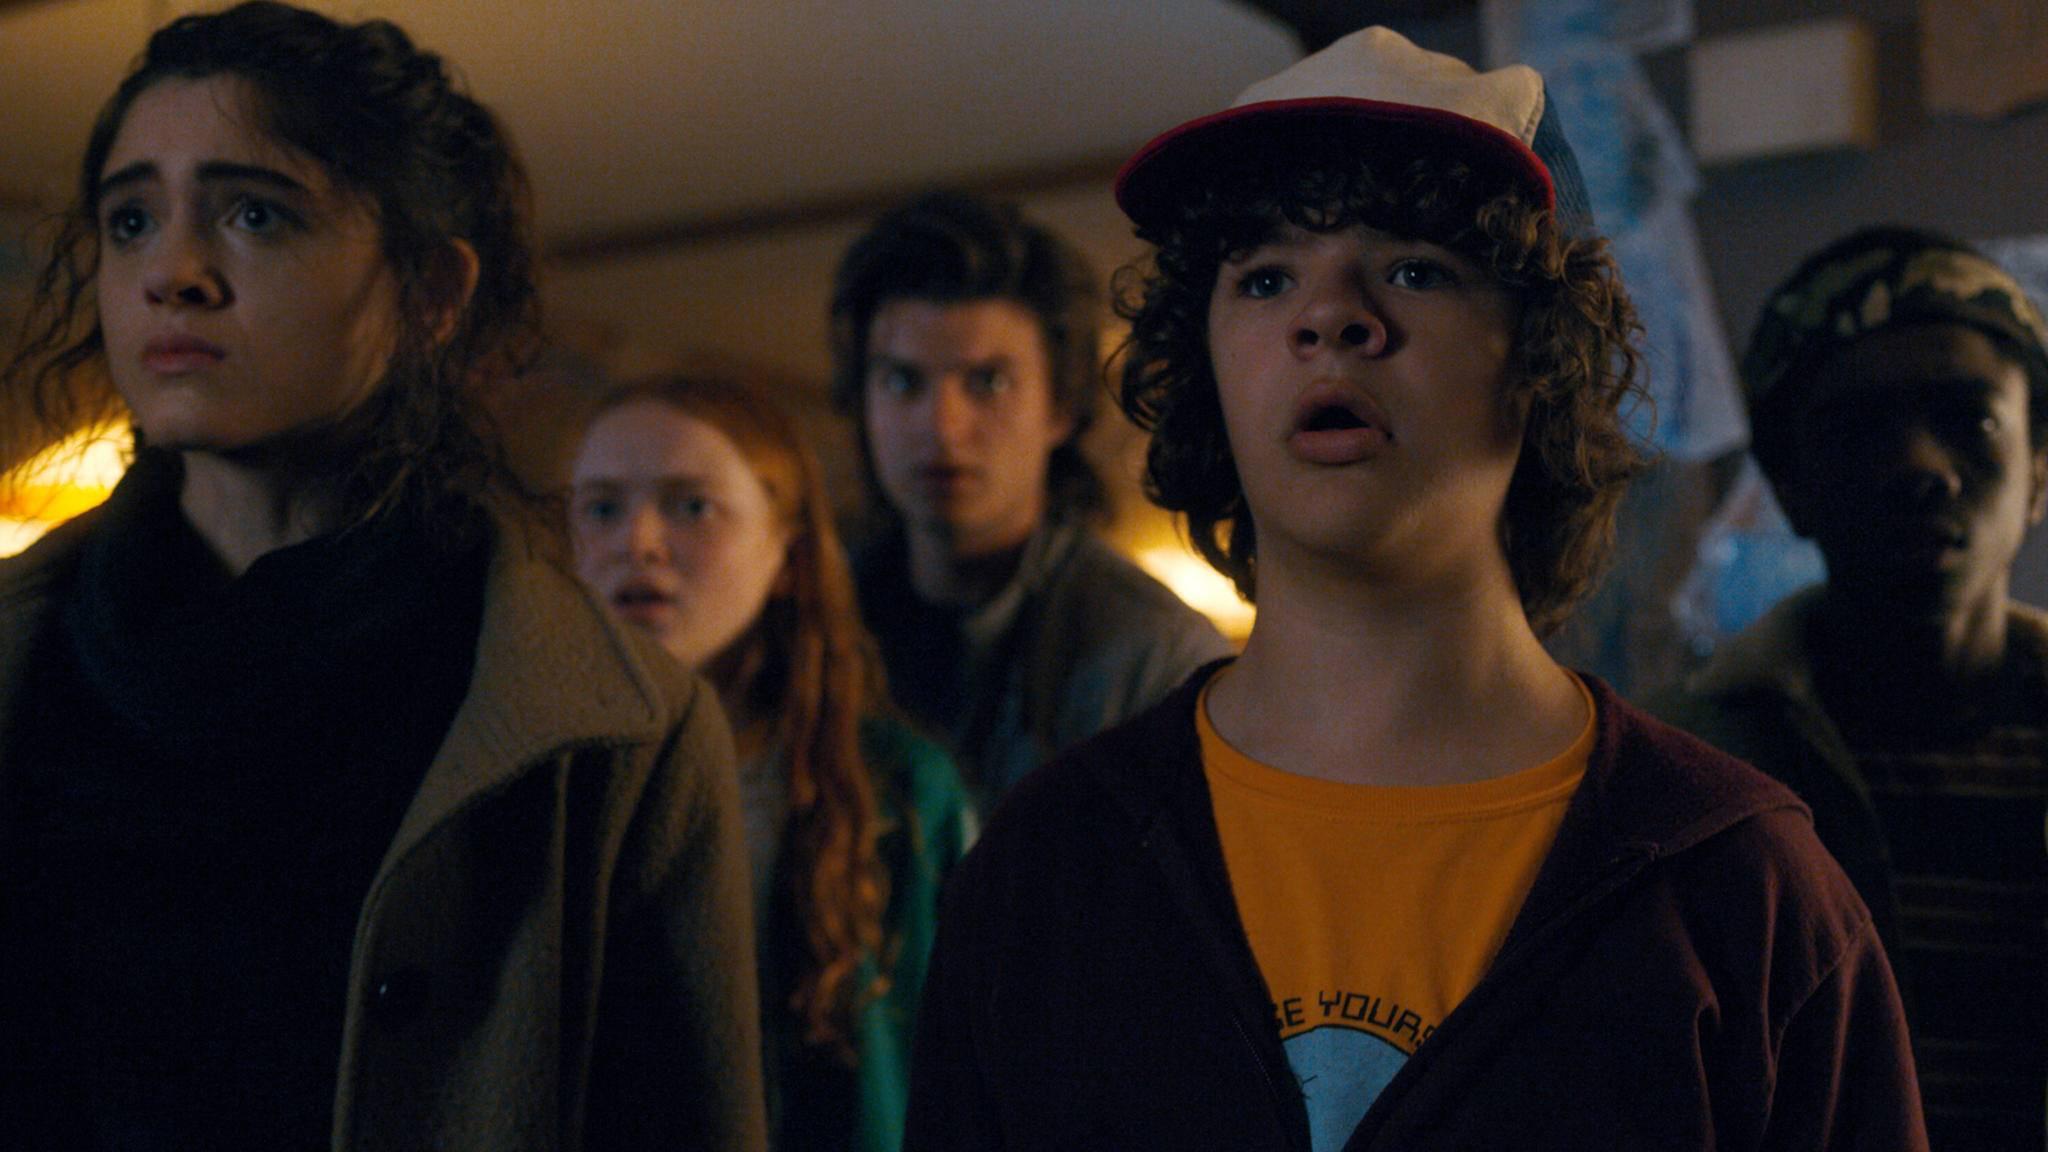 Dustin, Lucas und Co. erwartet in Staffel 3 offenbar etwas Großes.